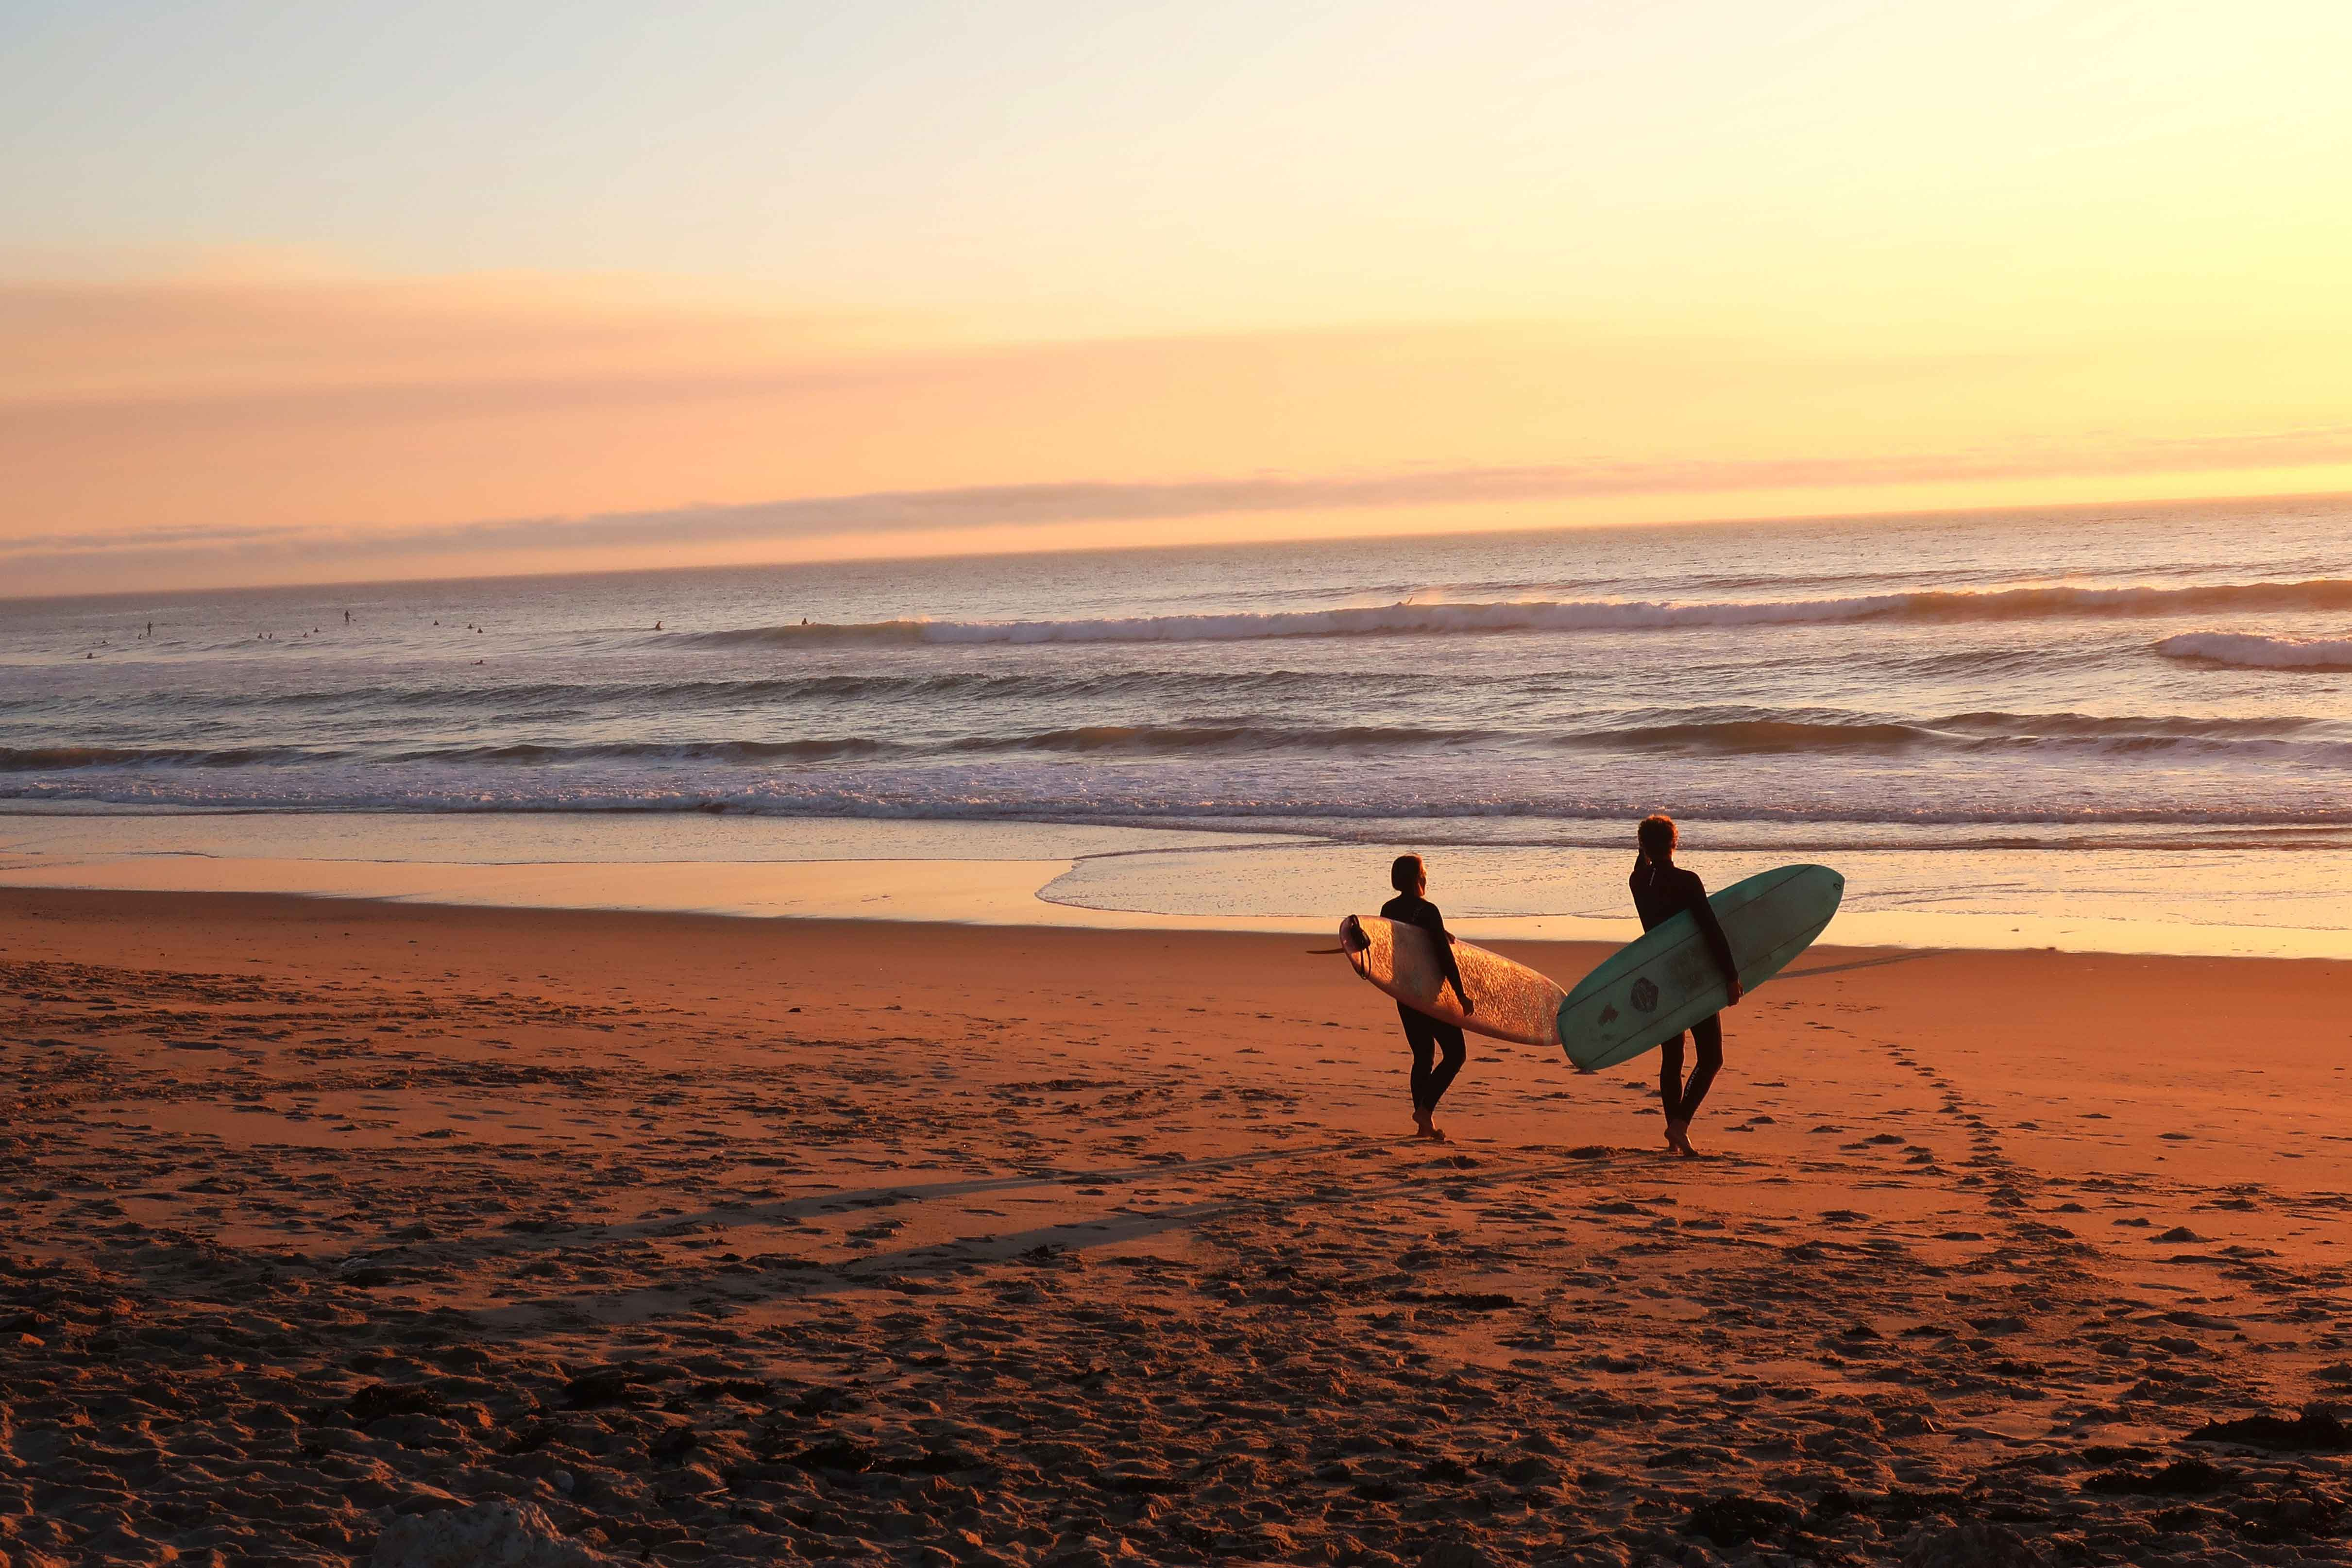 Os 5 melhores destinos para fazer surf em Portugal